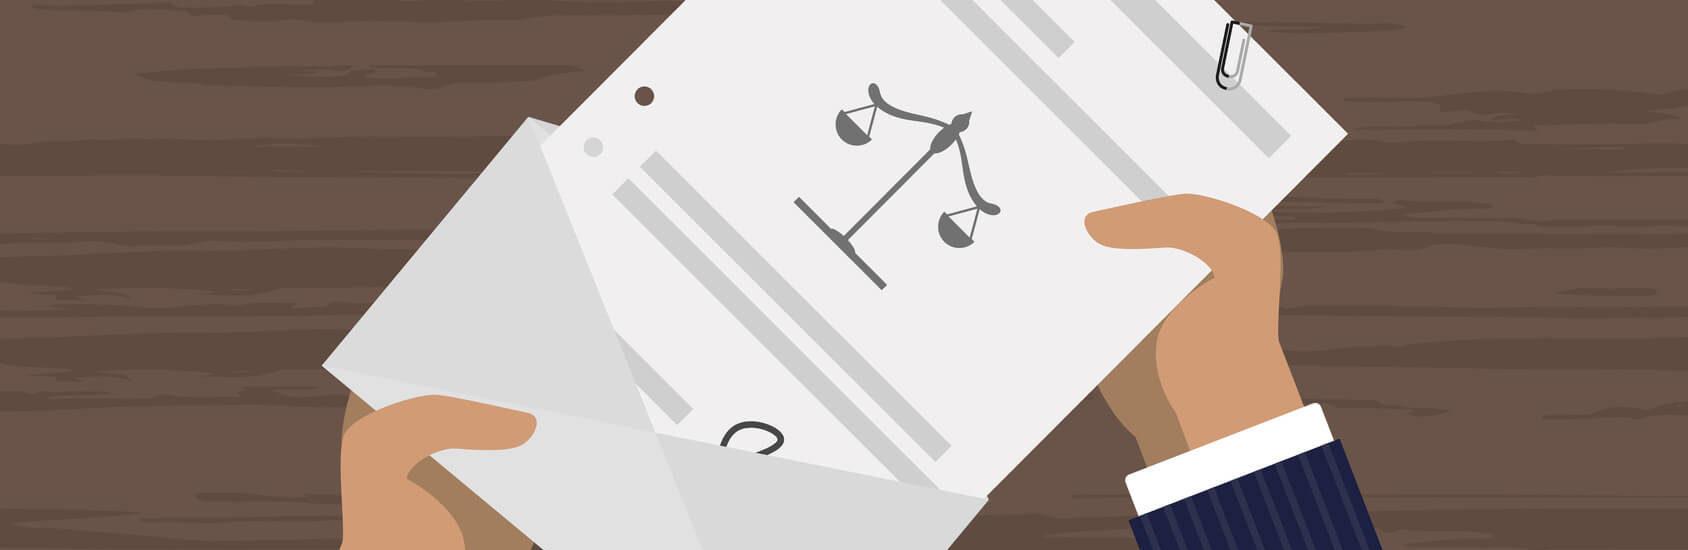 Projetos de Lei – Criação da Ordem dos Fisioterapeutas